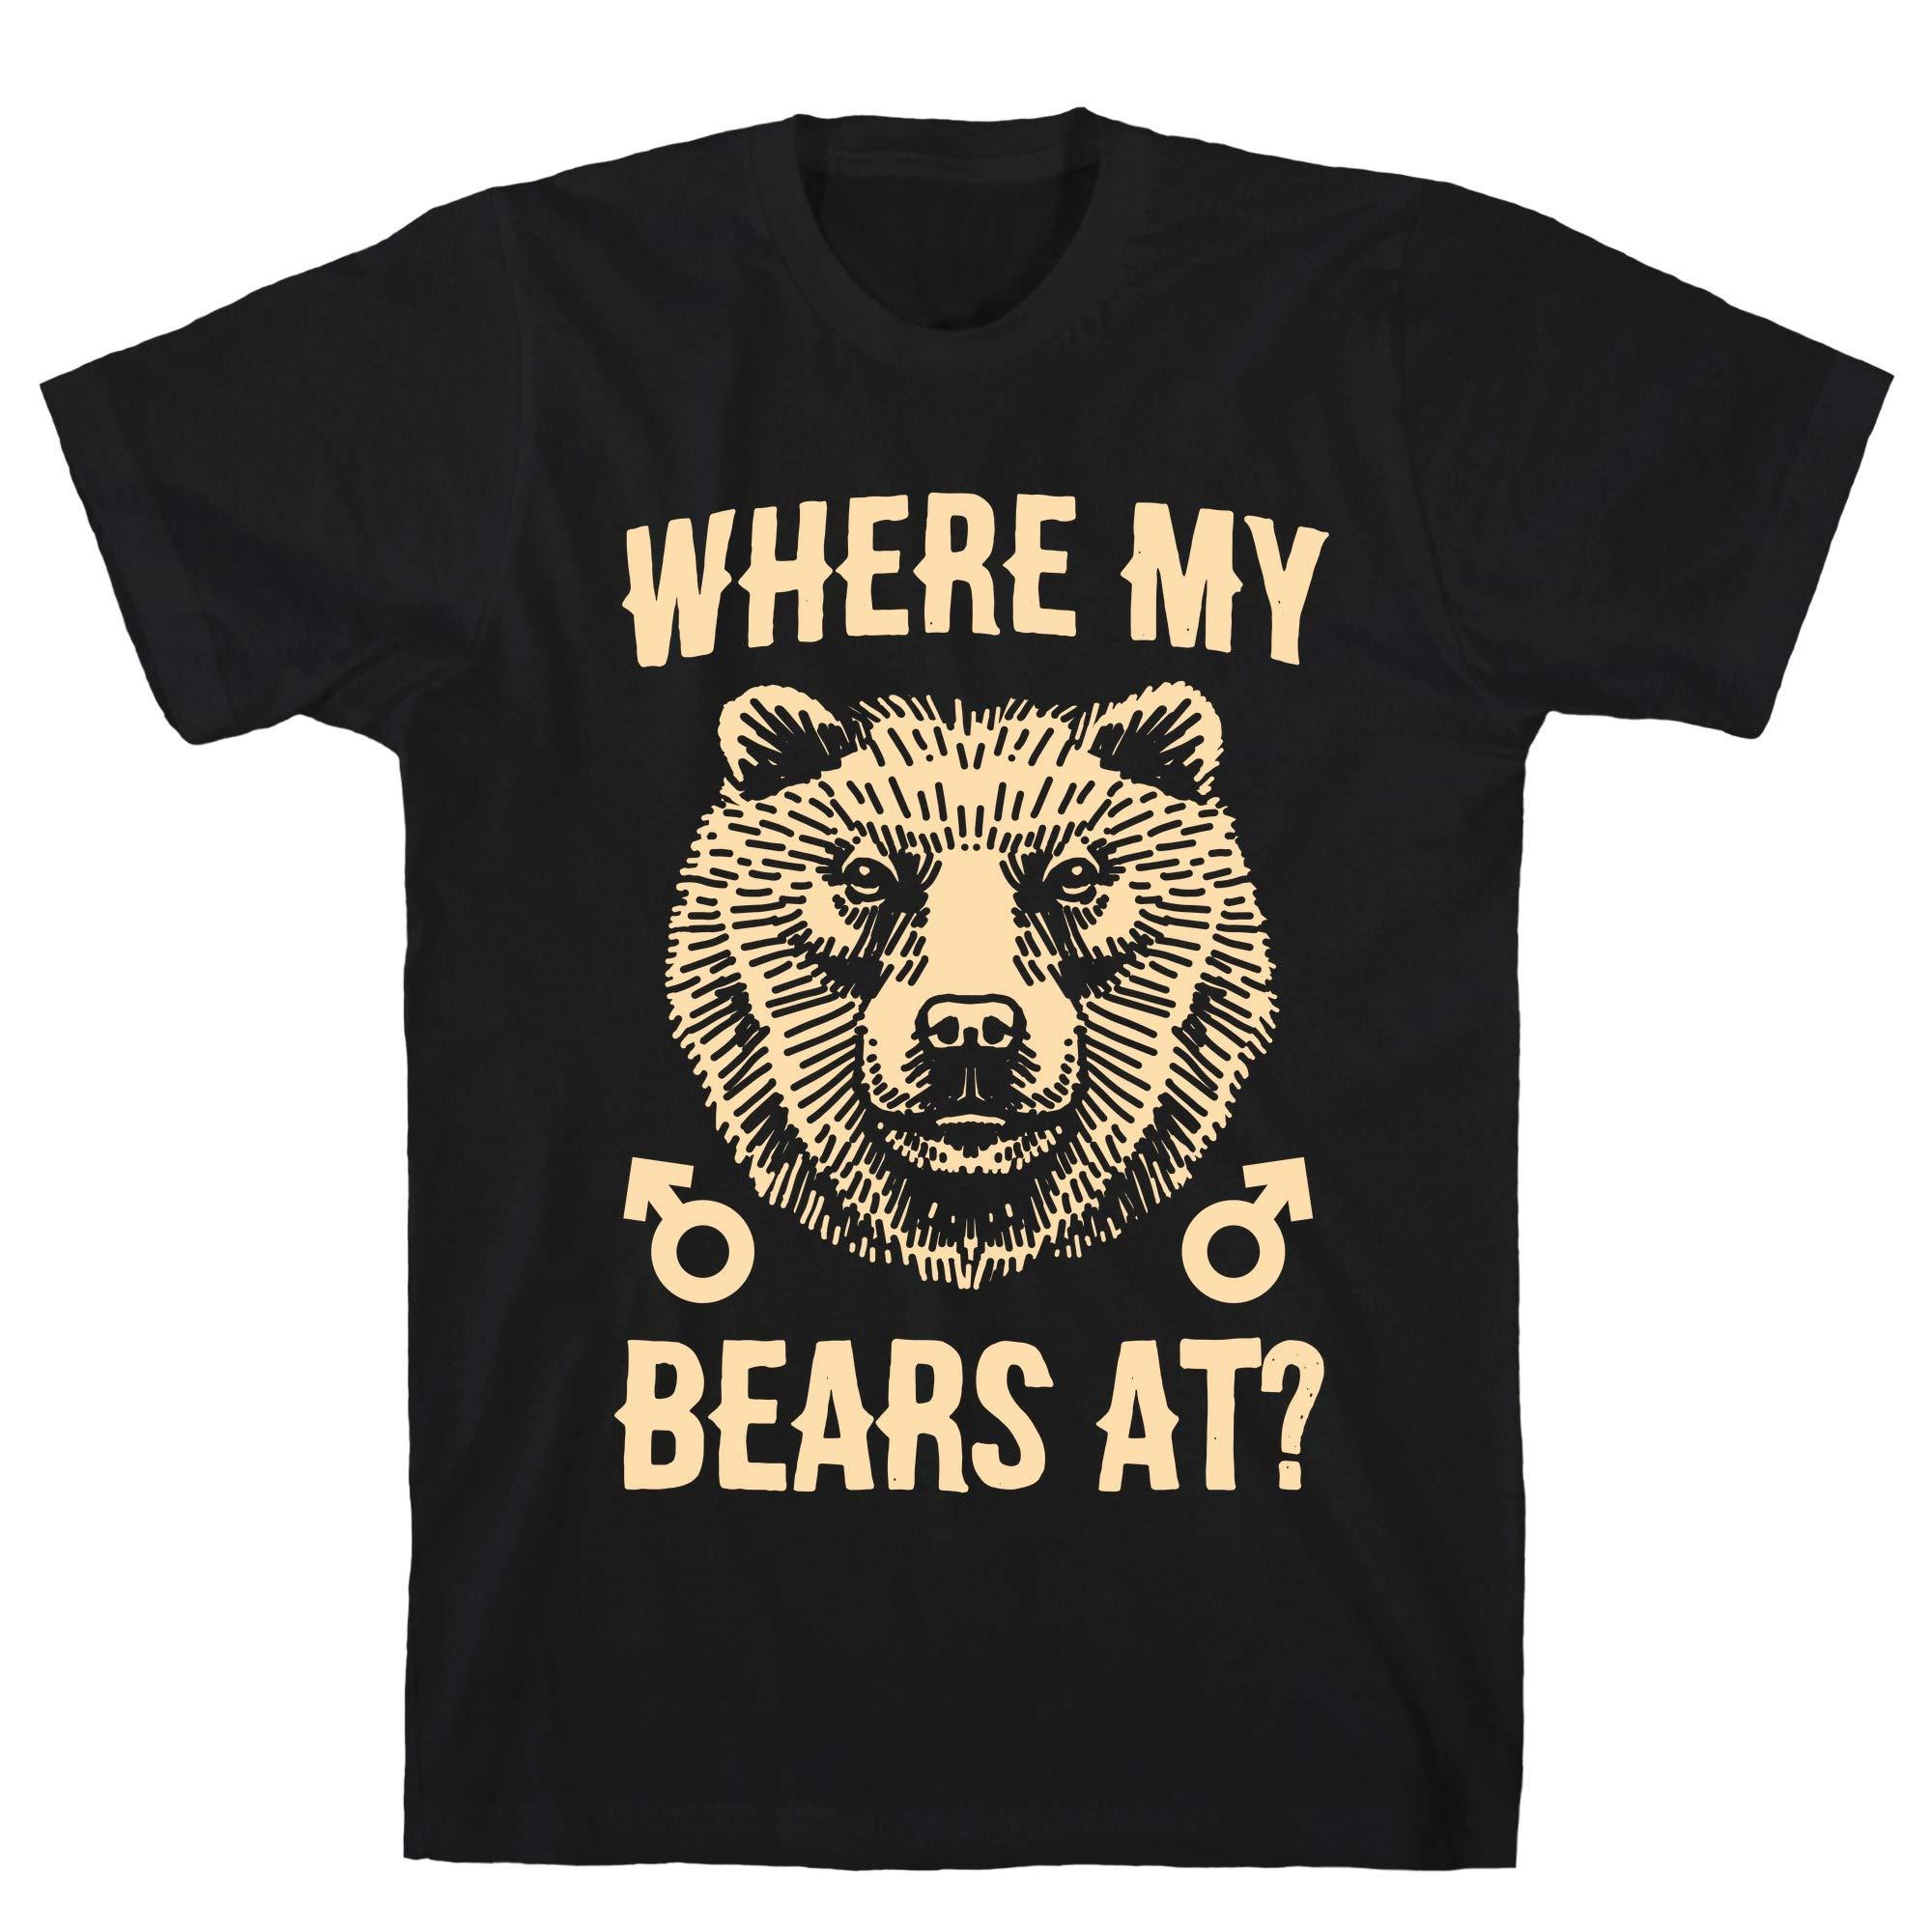 Where My Bears At Black S Ts Shirts